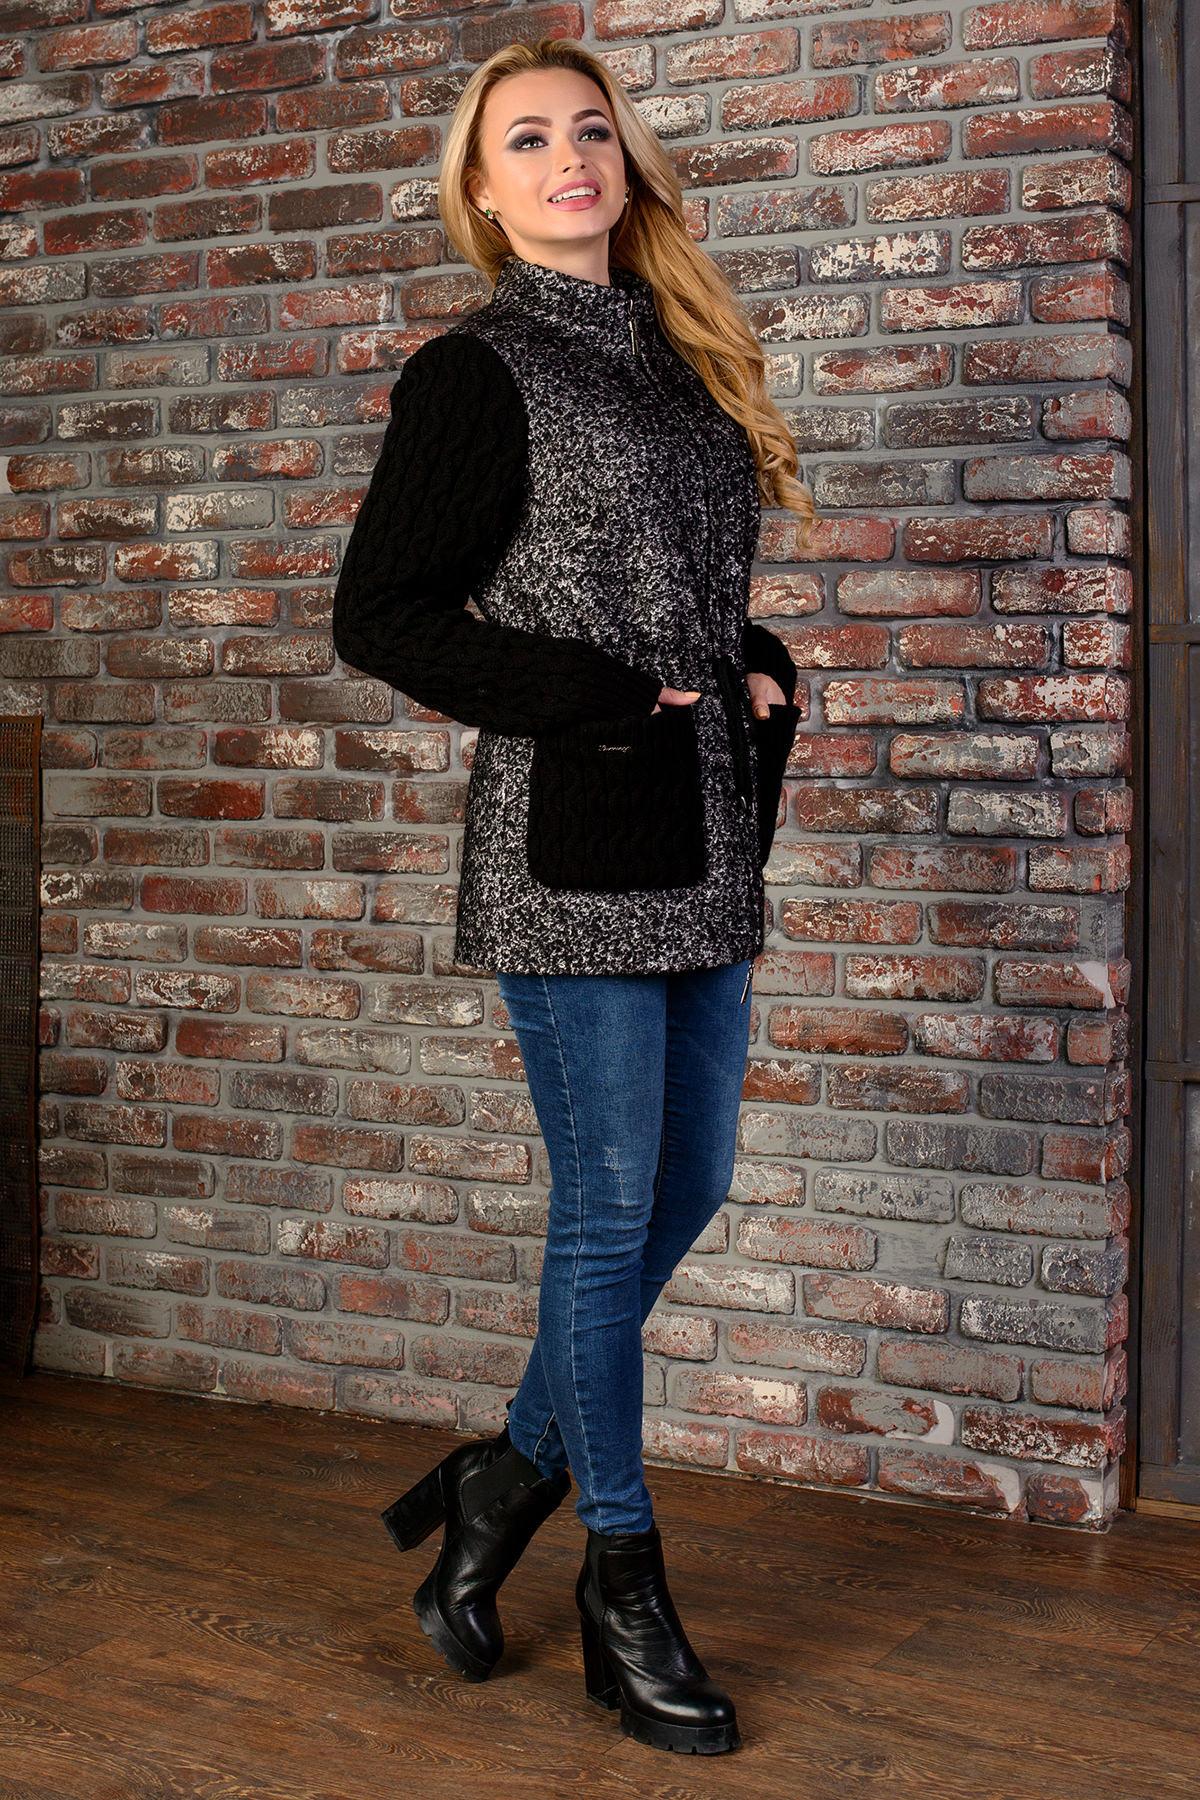 Пальто Старк 1091 АРТ. 9048 Цвет: Чёрно-серый / Черный - фото 2, интернет магазин tm-modus.ru